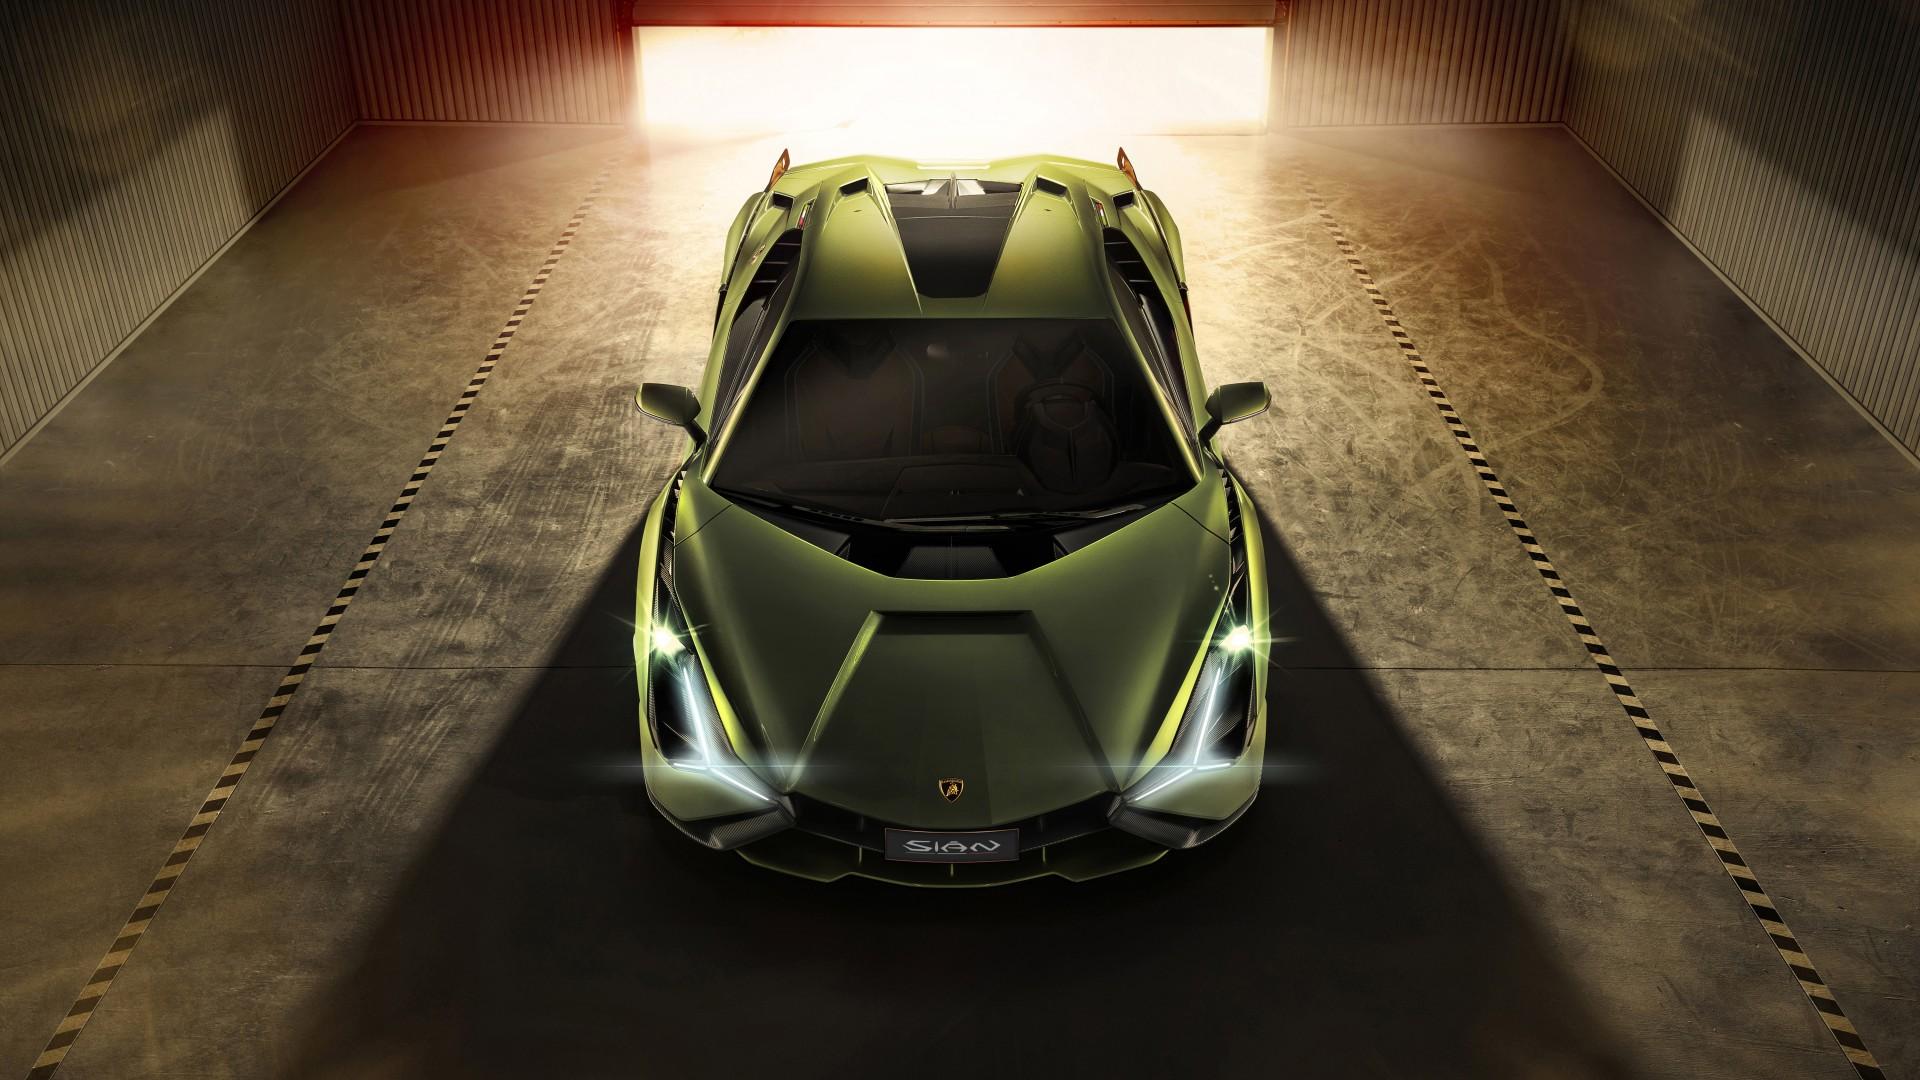 Lamborghini Sian 2019 4K 9 Wallpaper | HD Car Wallpapers ...